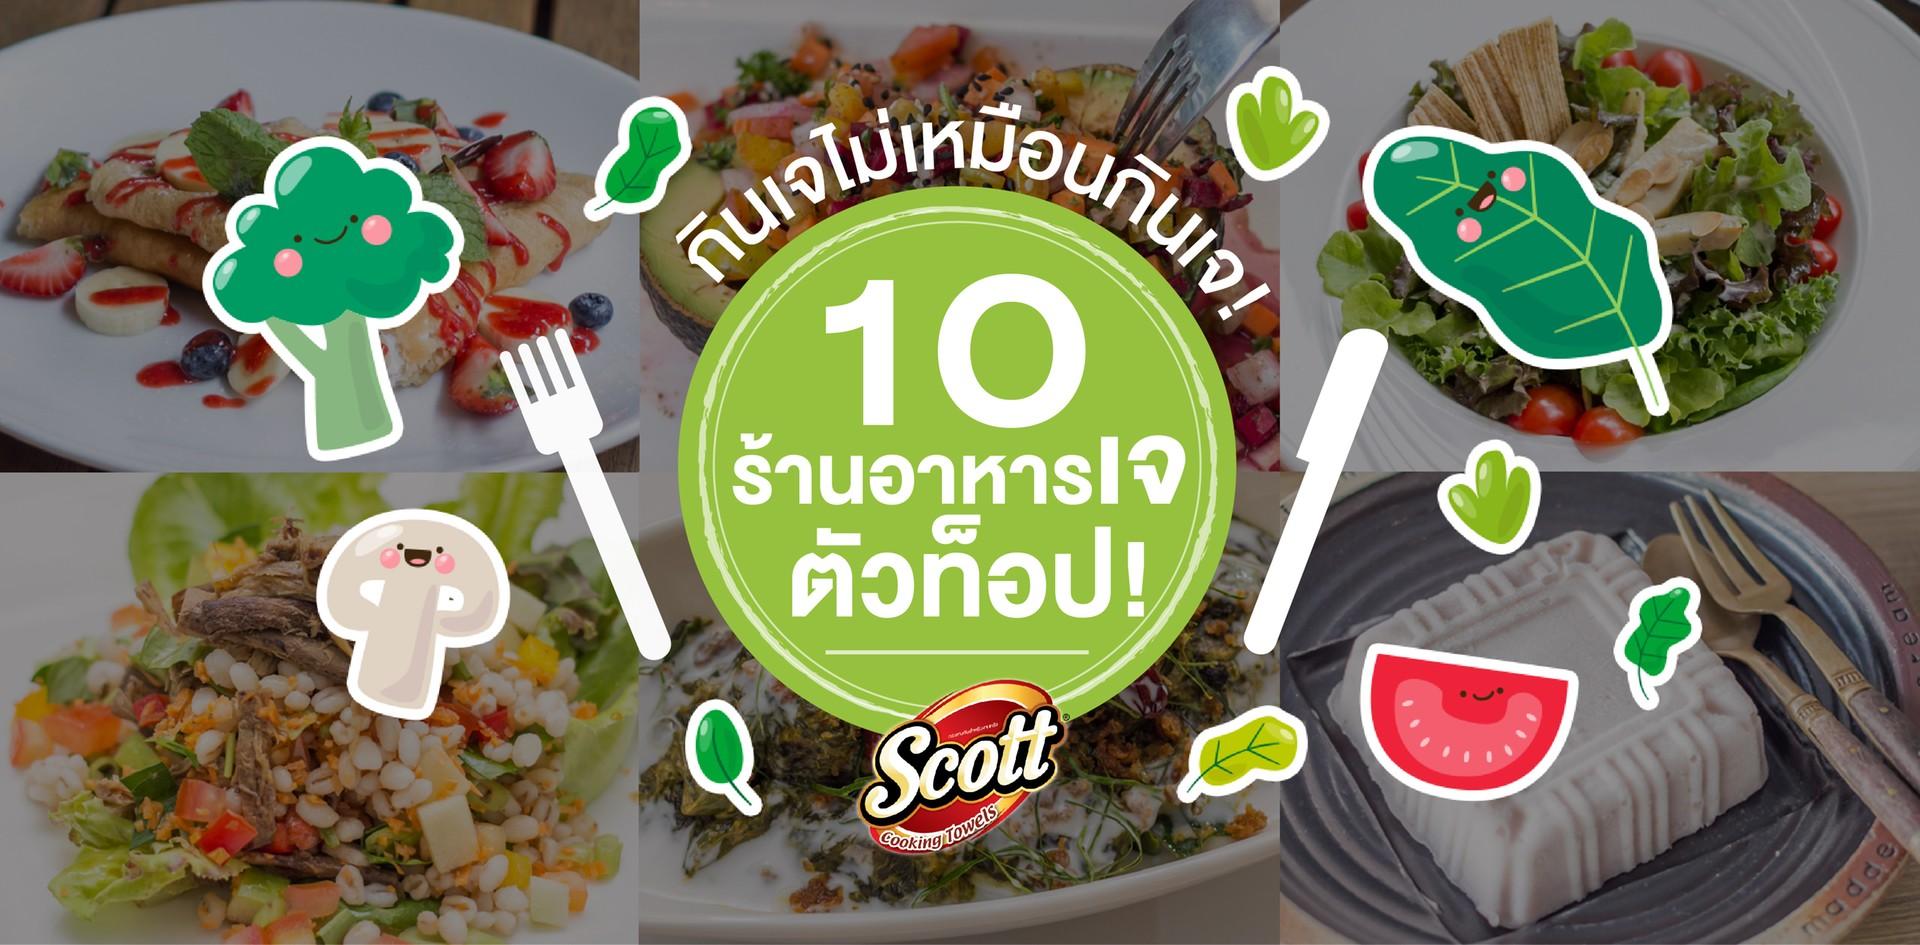 กินเจไม่เหมือนกินเจ! กับ 10 ร้านอาหารเจตัวท็อป by Scott